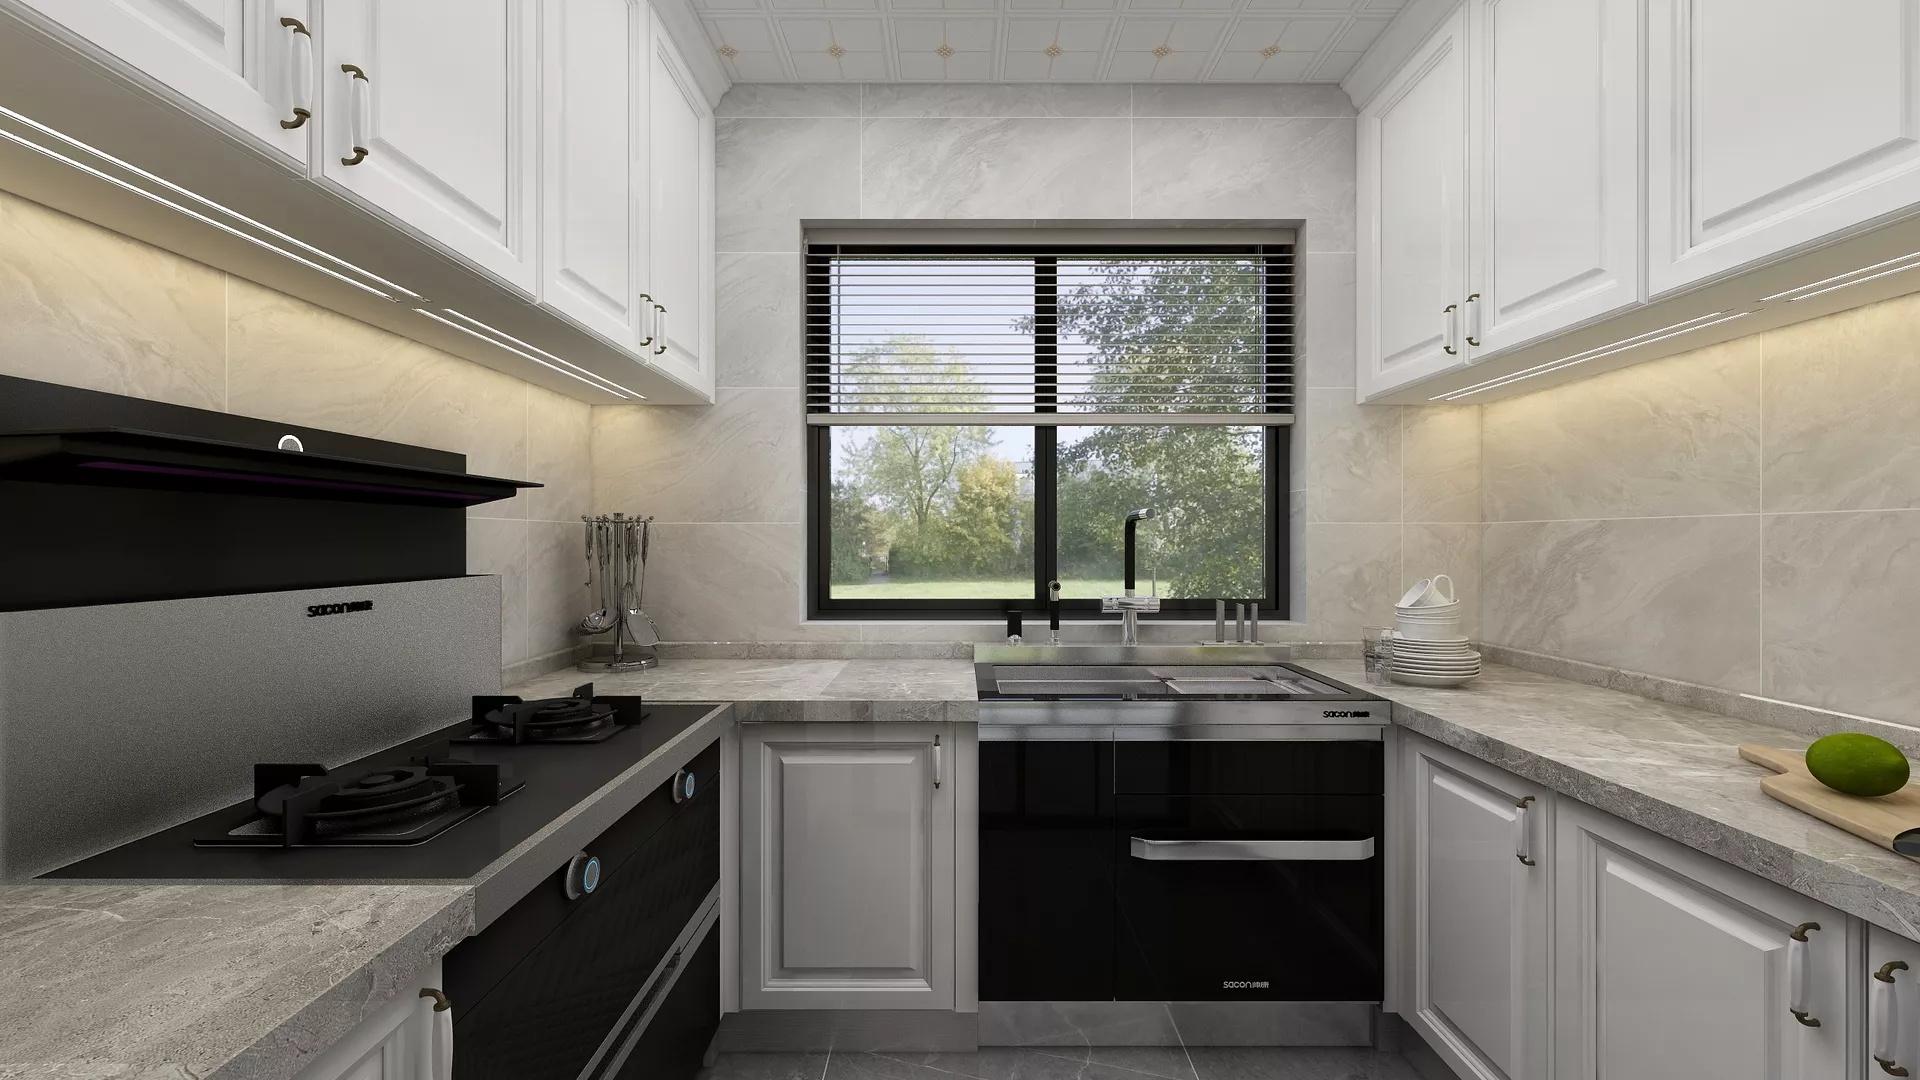 封窗阳台漏水如何处理?封窗阳台用哪种材质好?